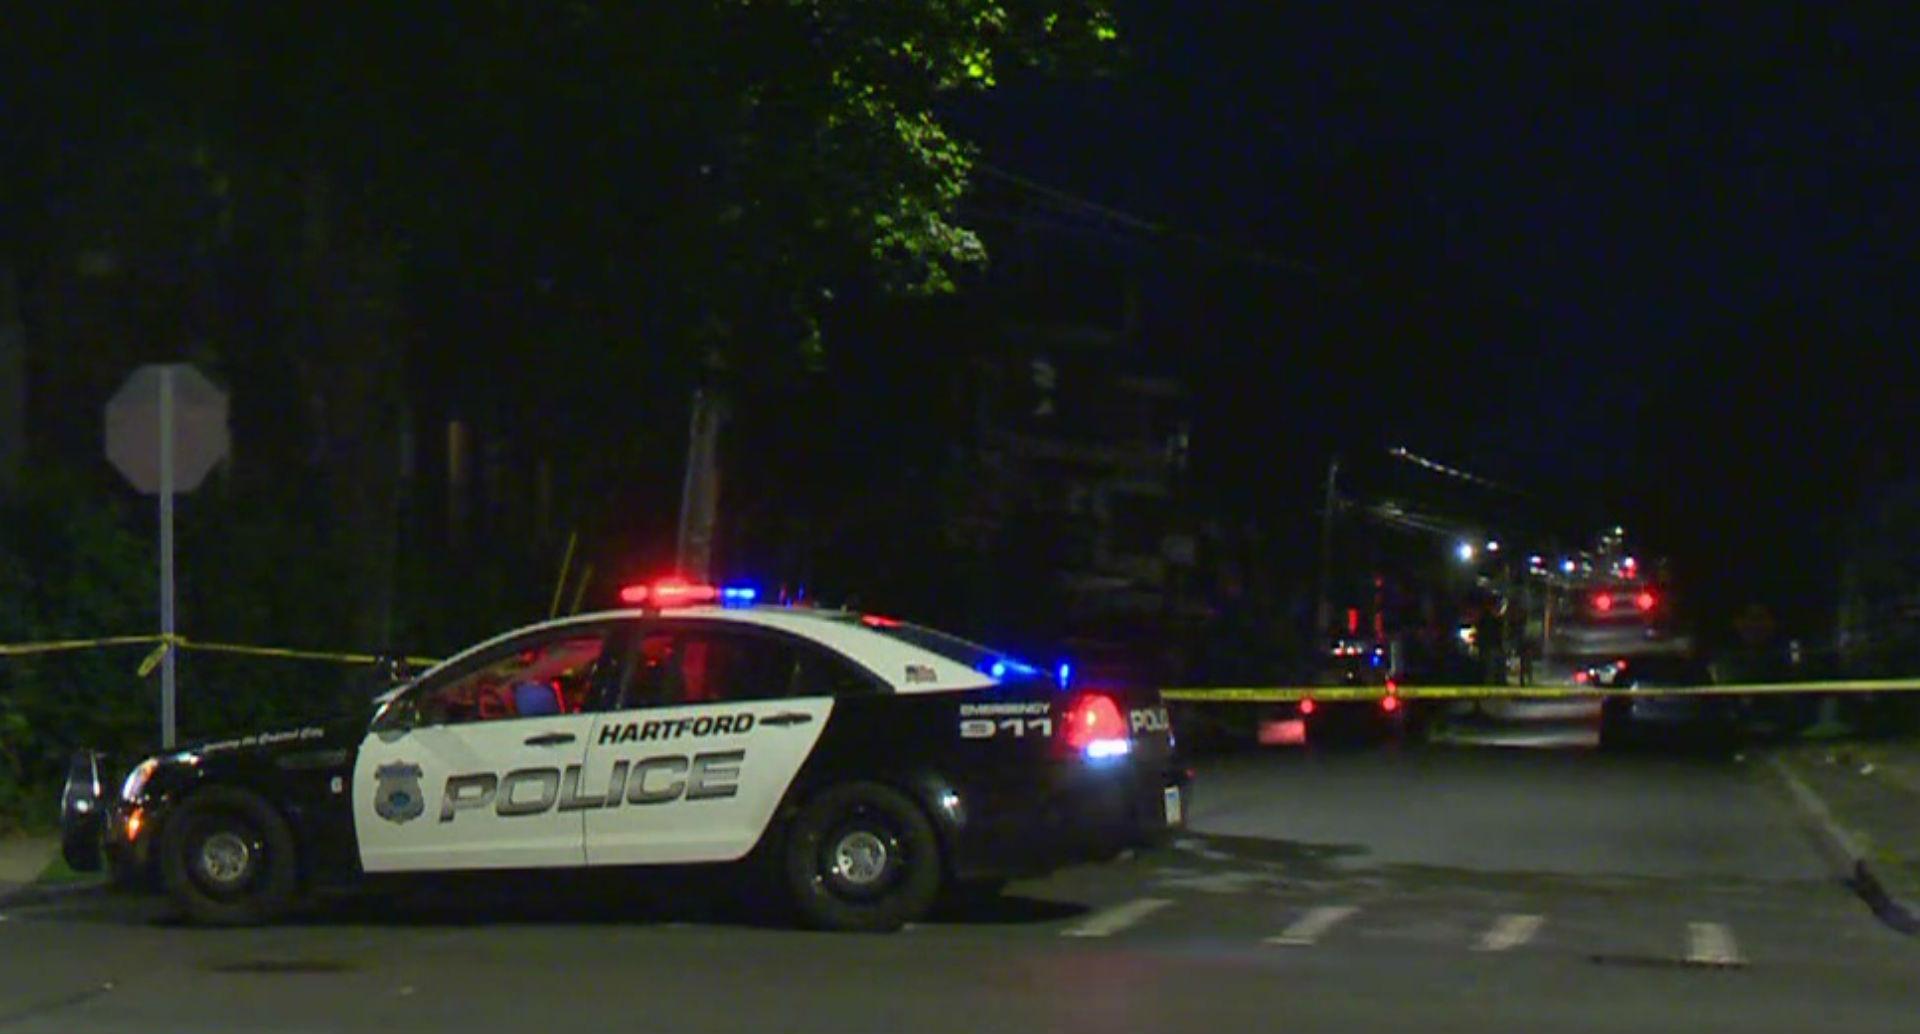 Police investigate after 2 men shot in Hartford | WTNH com